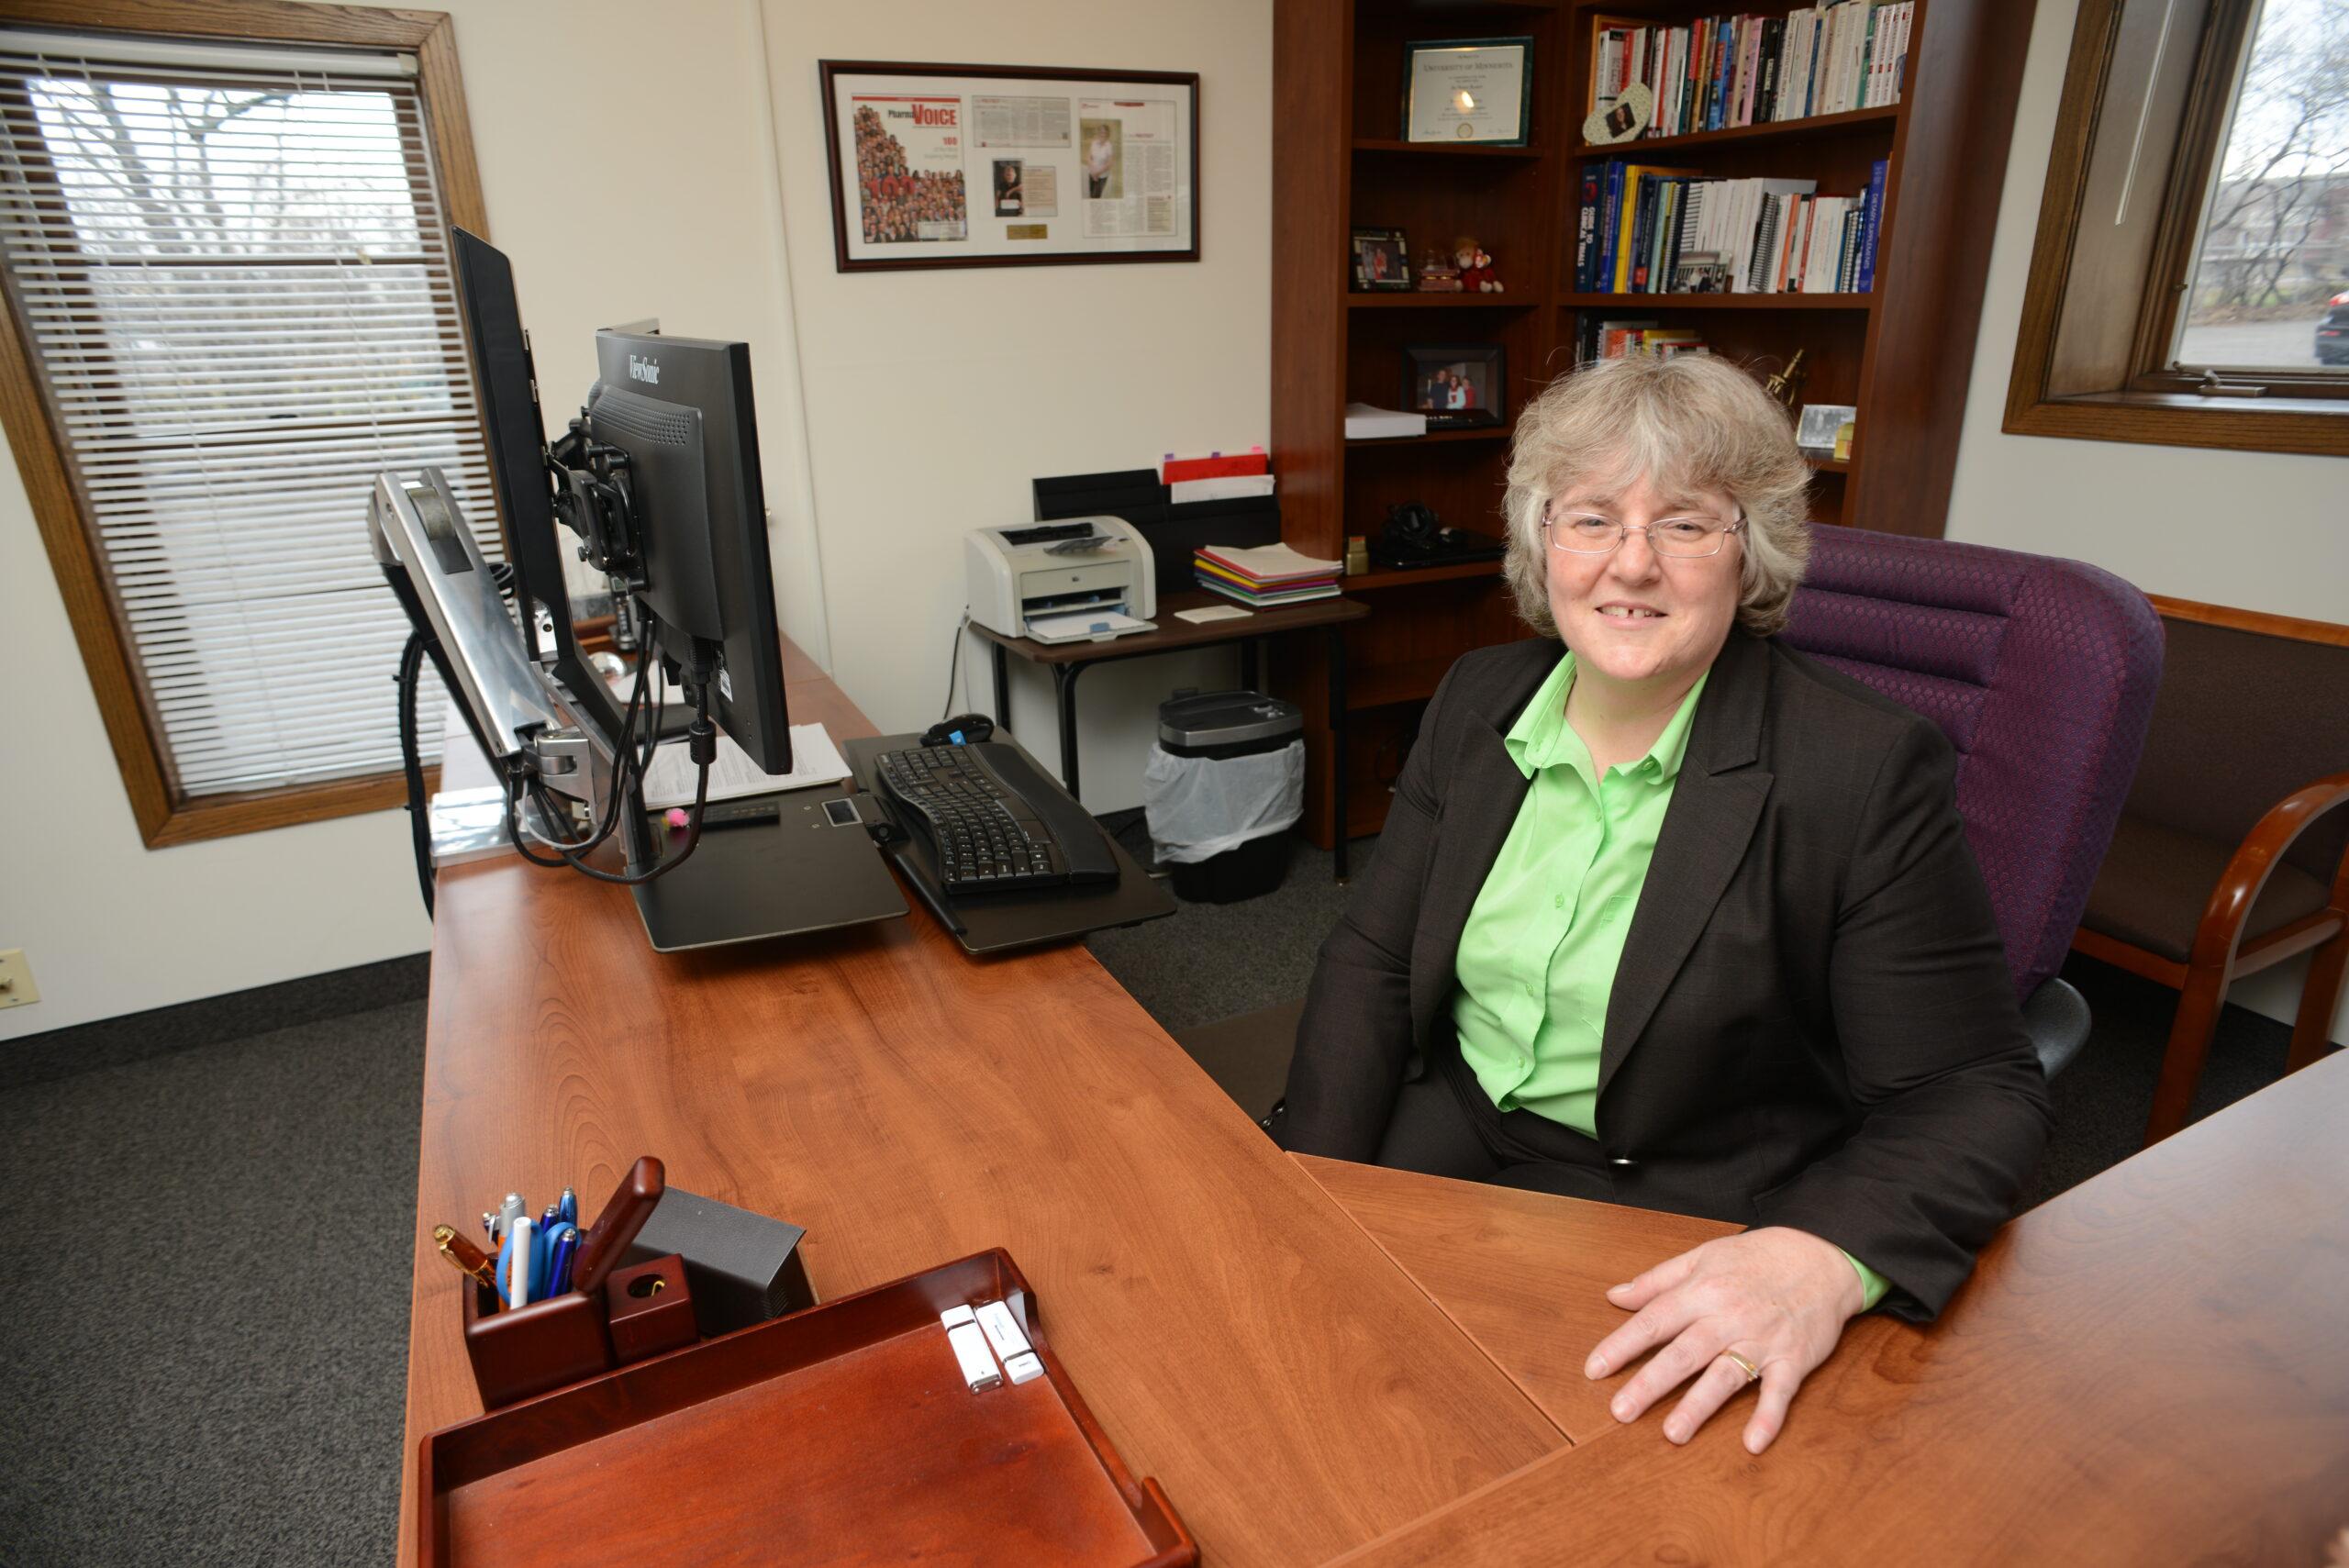 Dr. Joy Frestedt sitting at her office desk